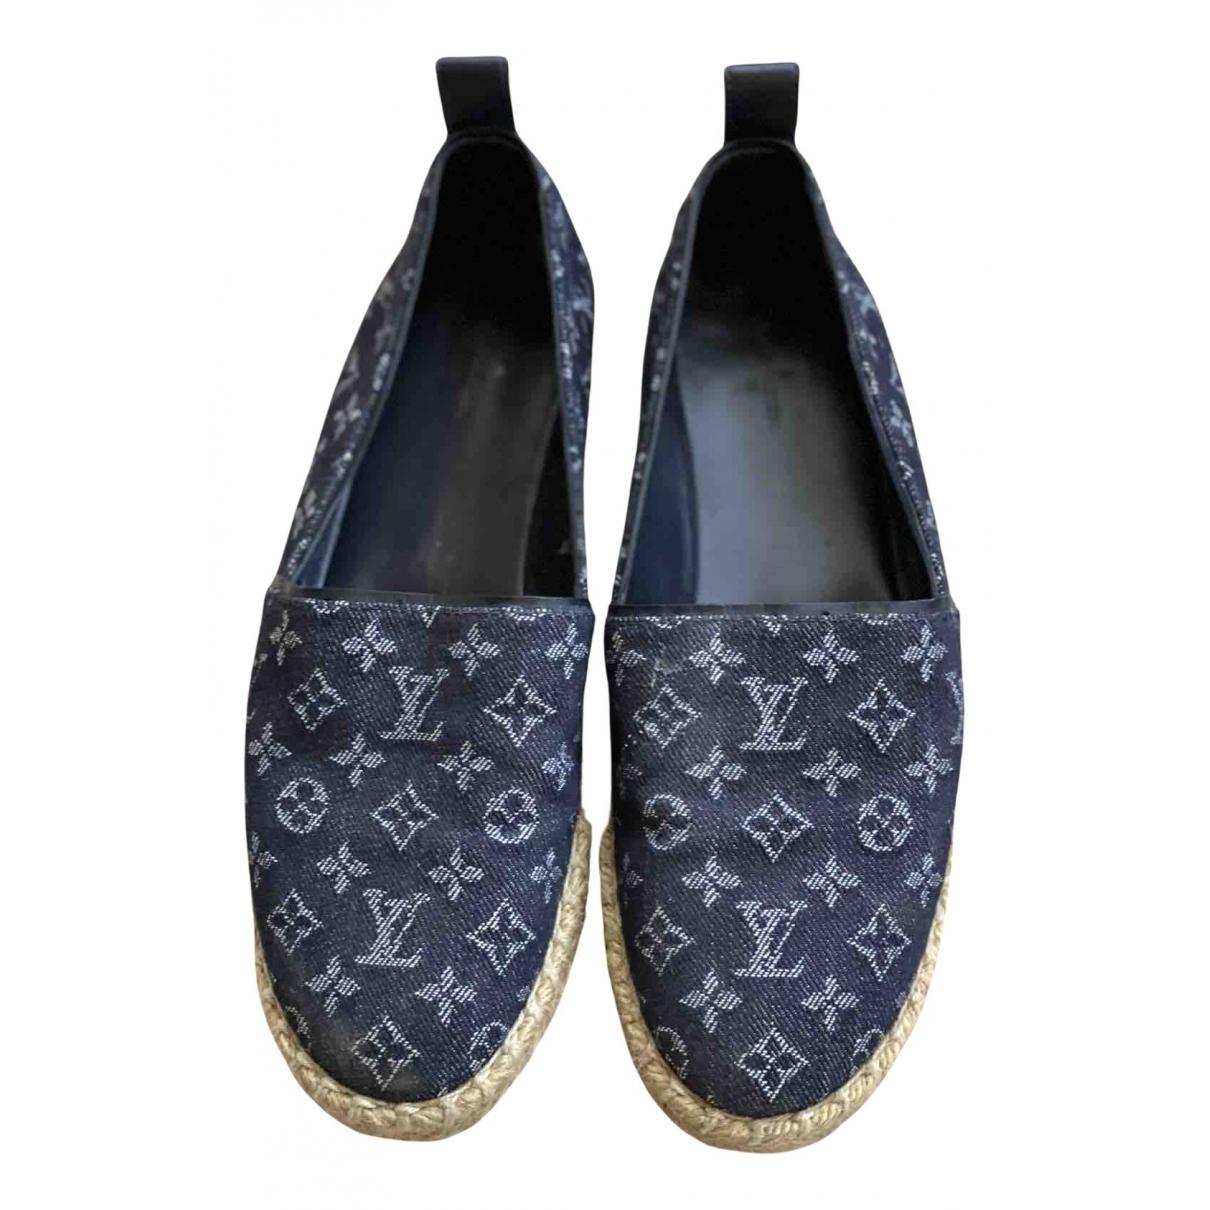 Louis Vuitton - Espadrilles   pour femme en denim - marine